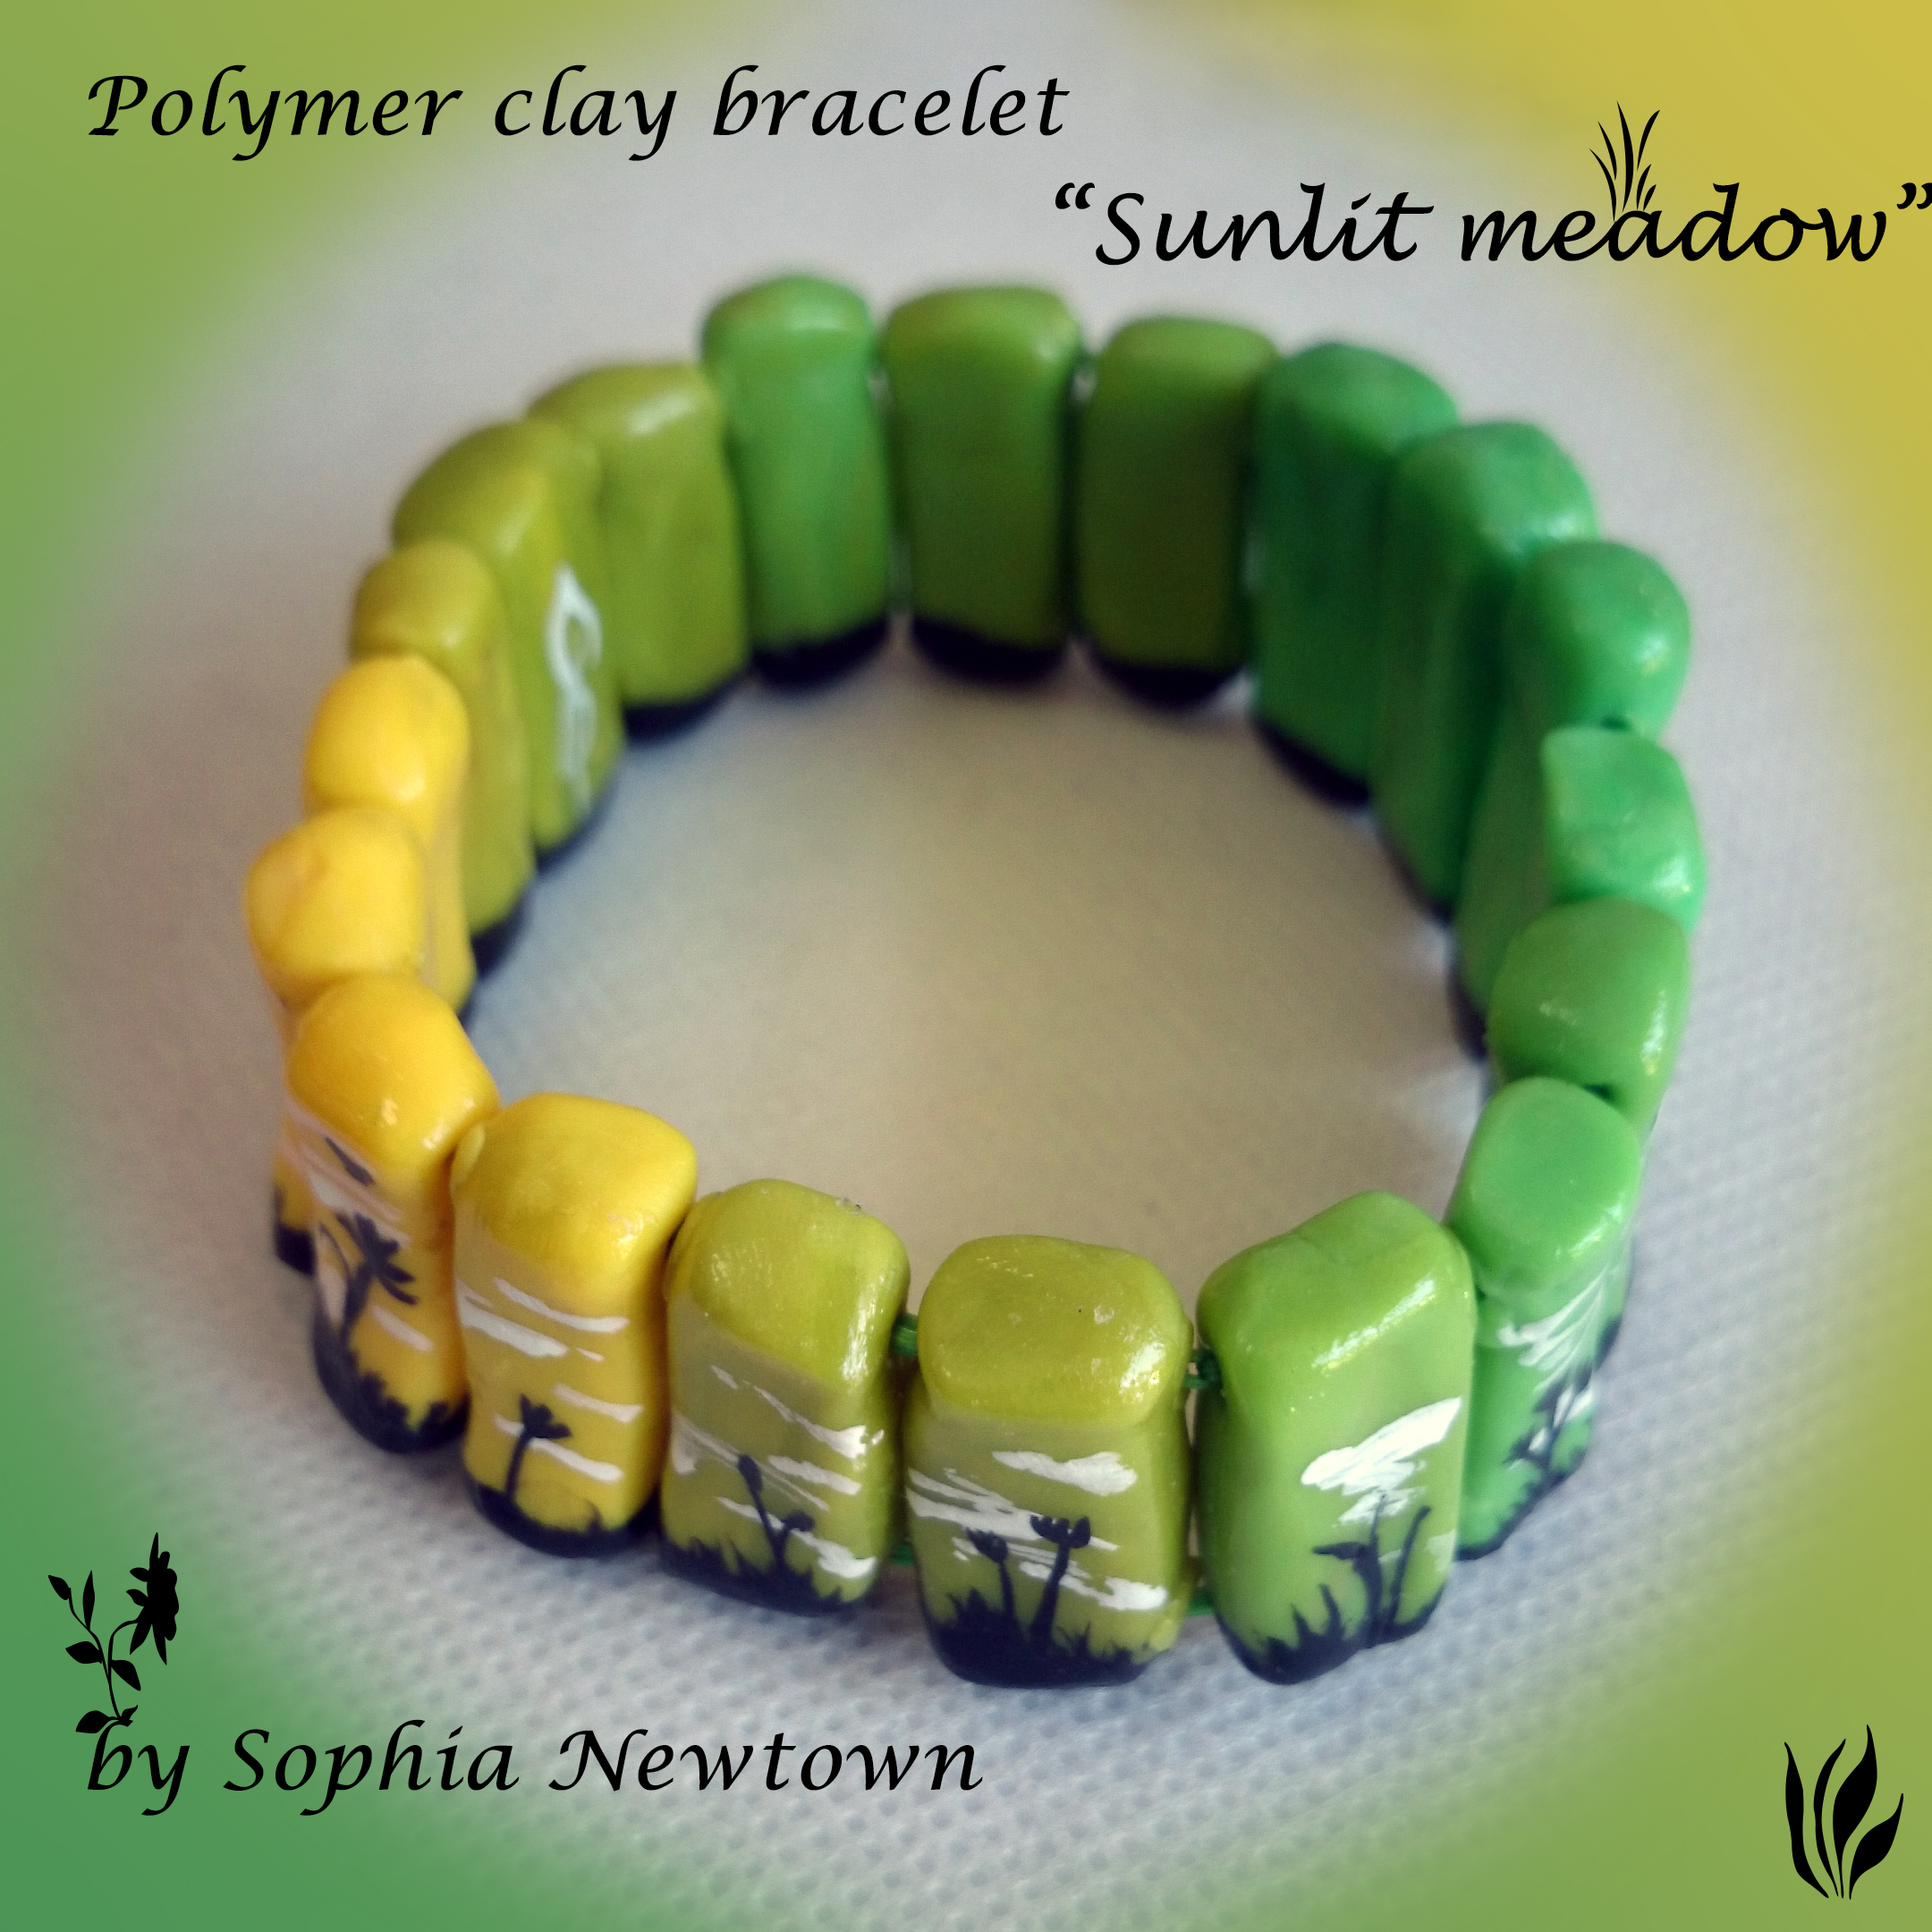 Sunlit meadow bracelet